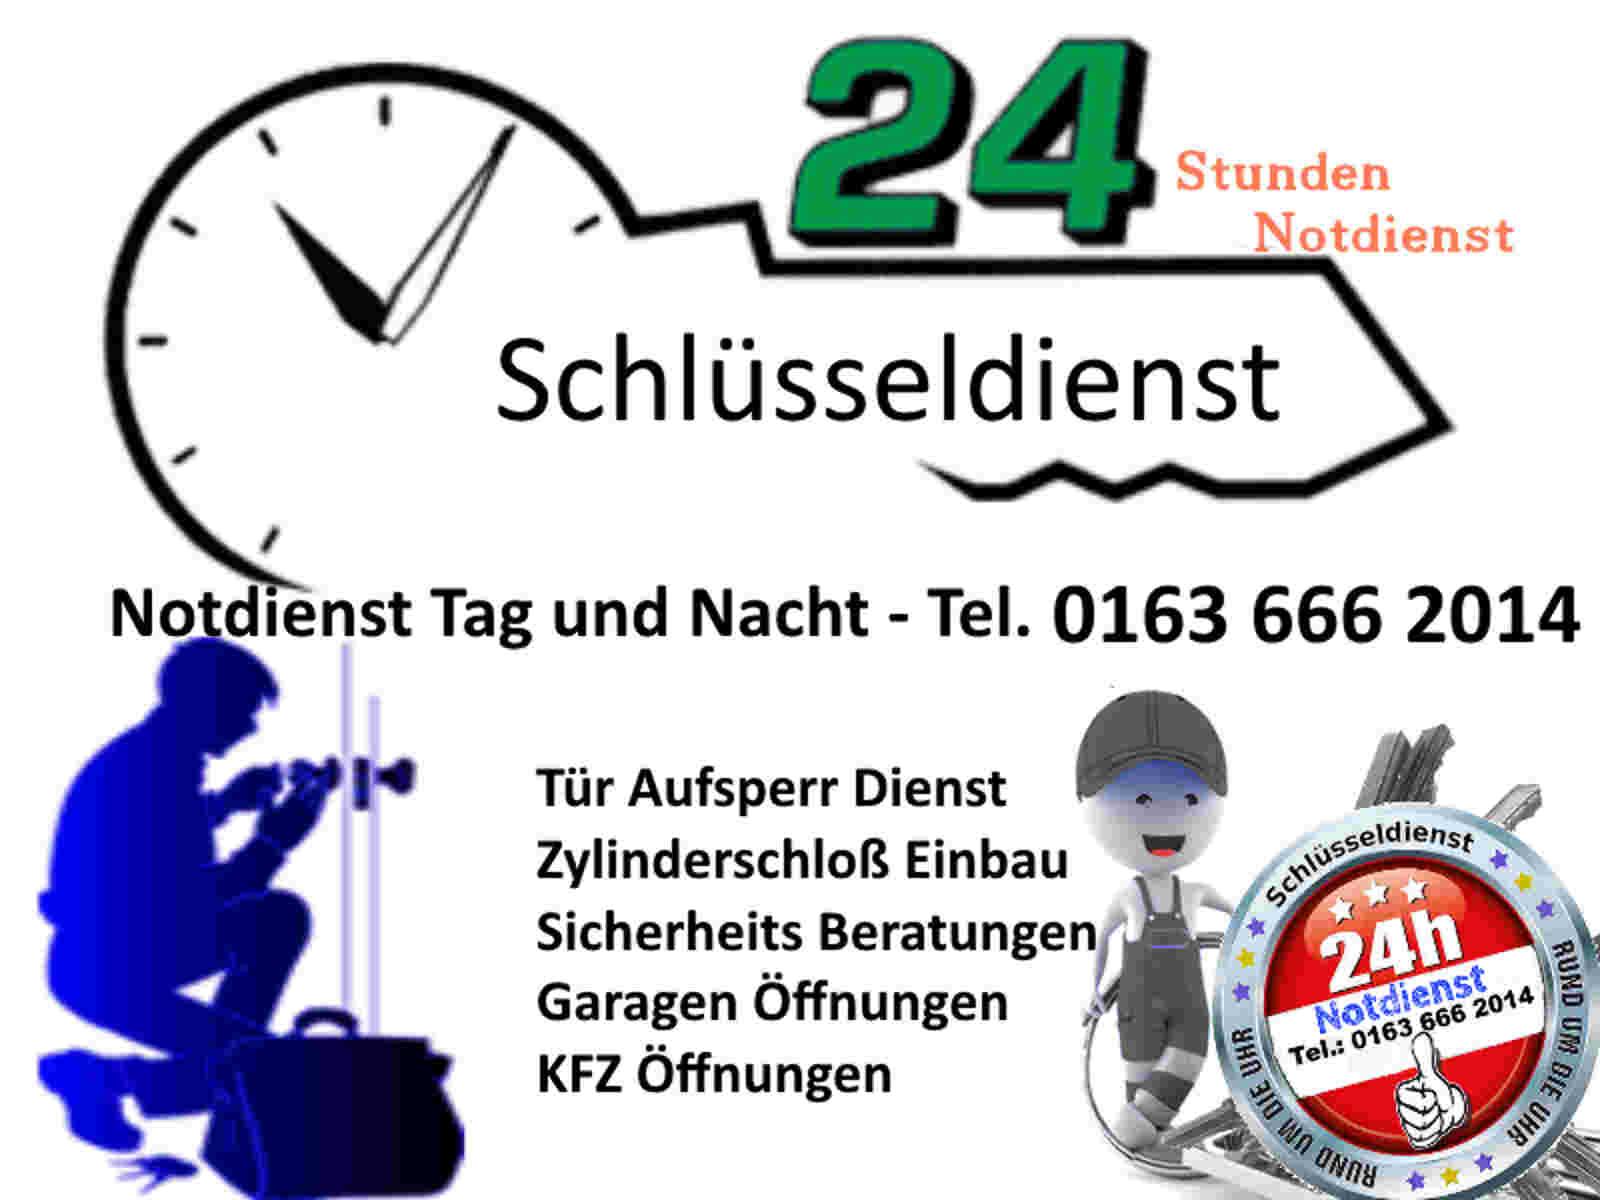 Schlüsseldienst Alsdorf Schlüsseldienst Herzogenrath und Schlüsseldienst Würselen Eschweiler sowie Schlüsseldienst Jülich zum Festpreis - Auch Aachen und Heinsberg !